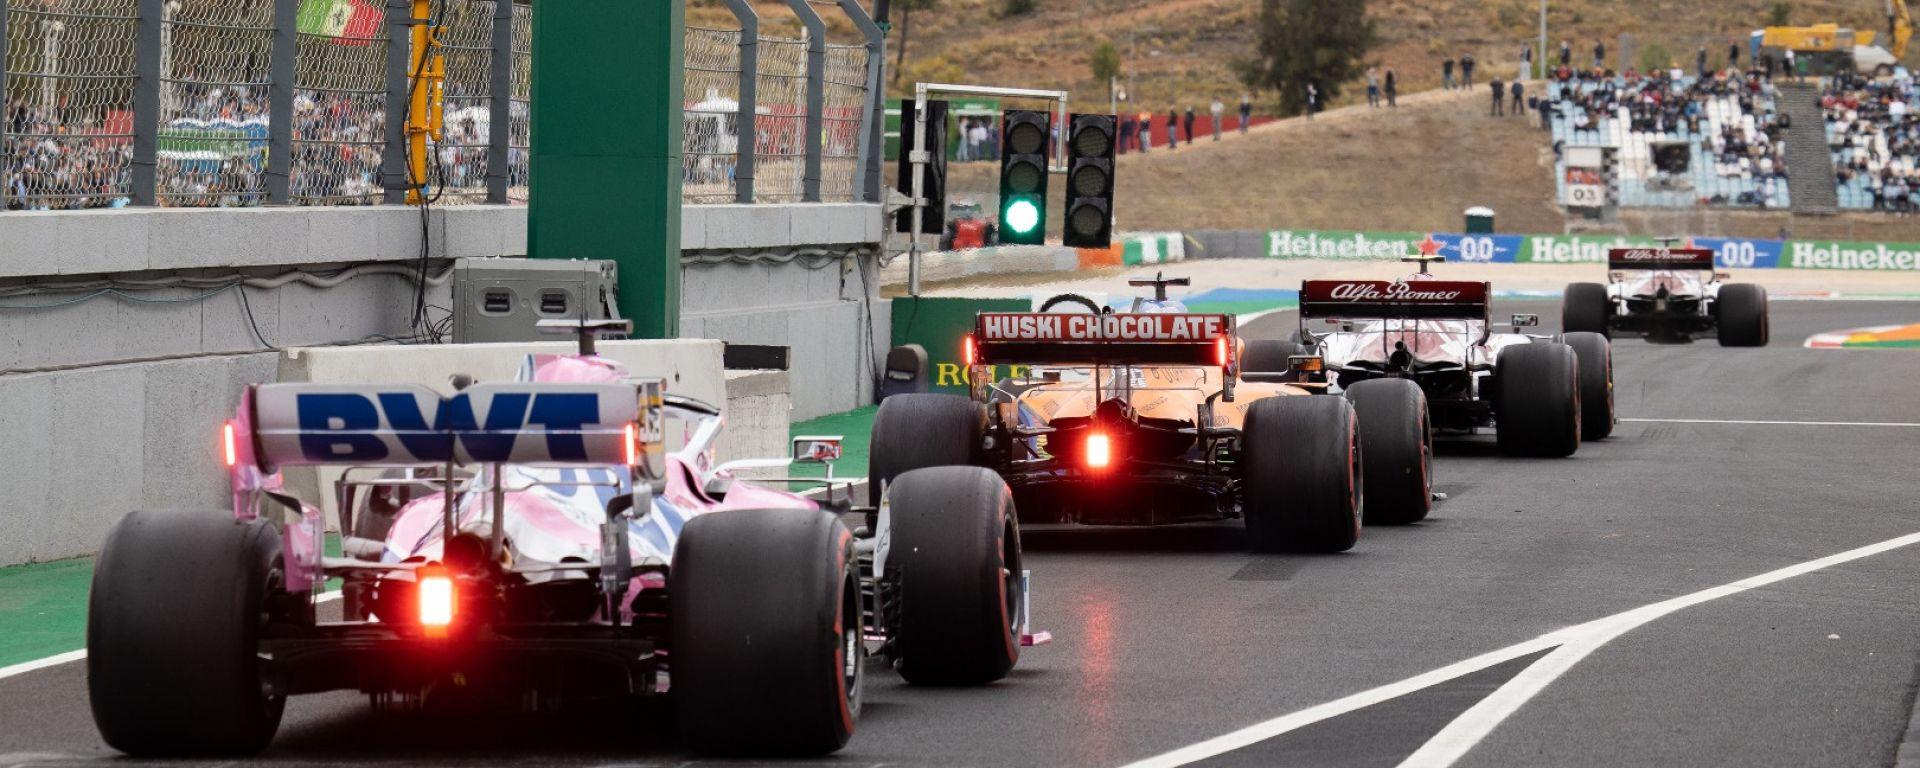 Vetture escono dalla Pitlane, F1 2021